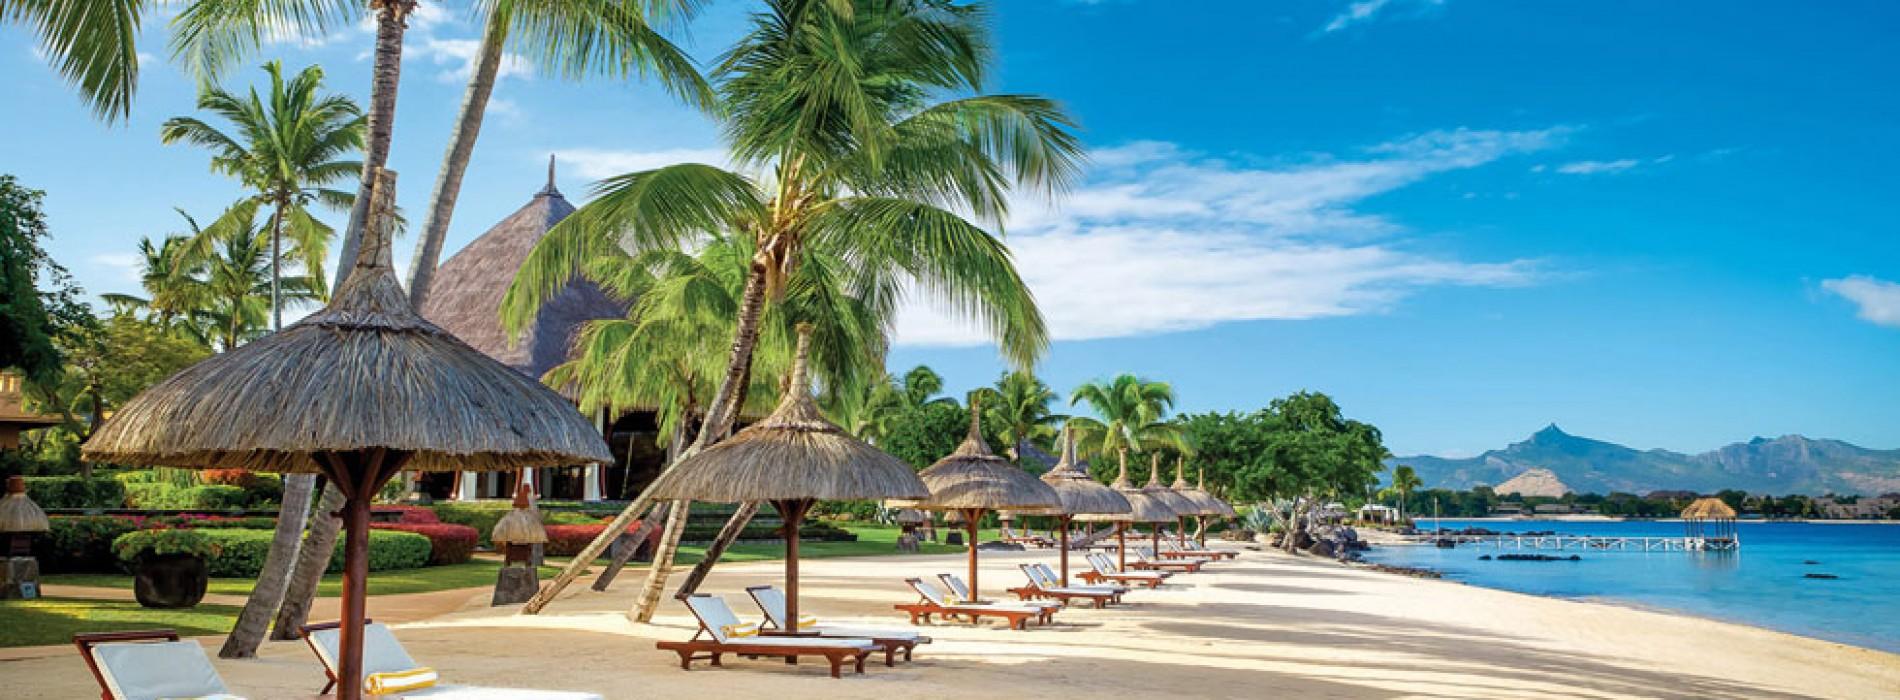 The Oberoi, Mauritius introduces 'Pleasure Island' offer!